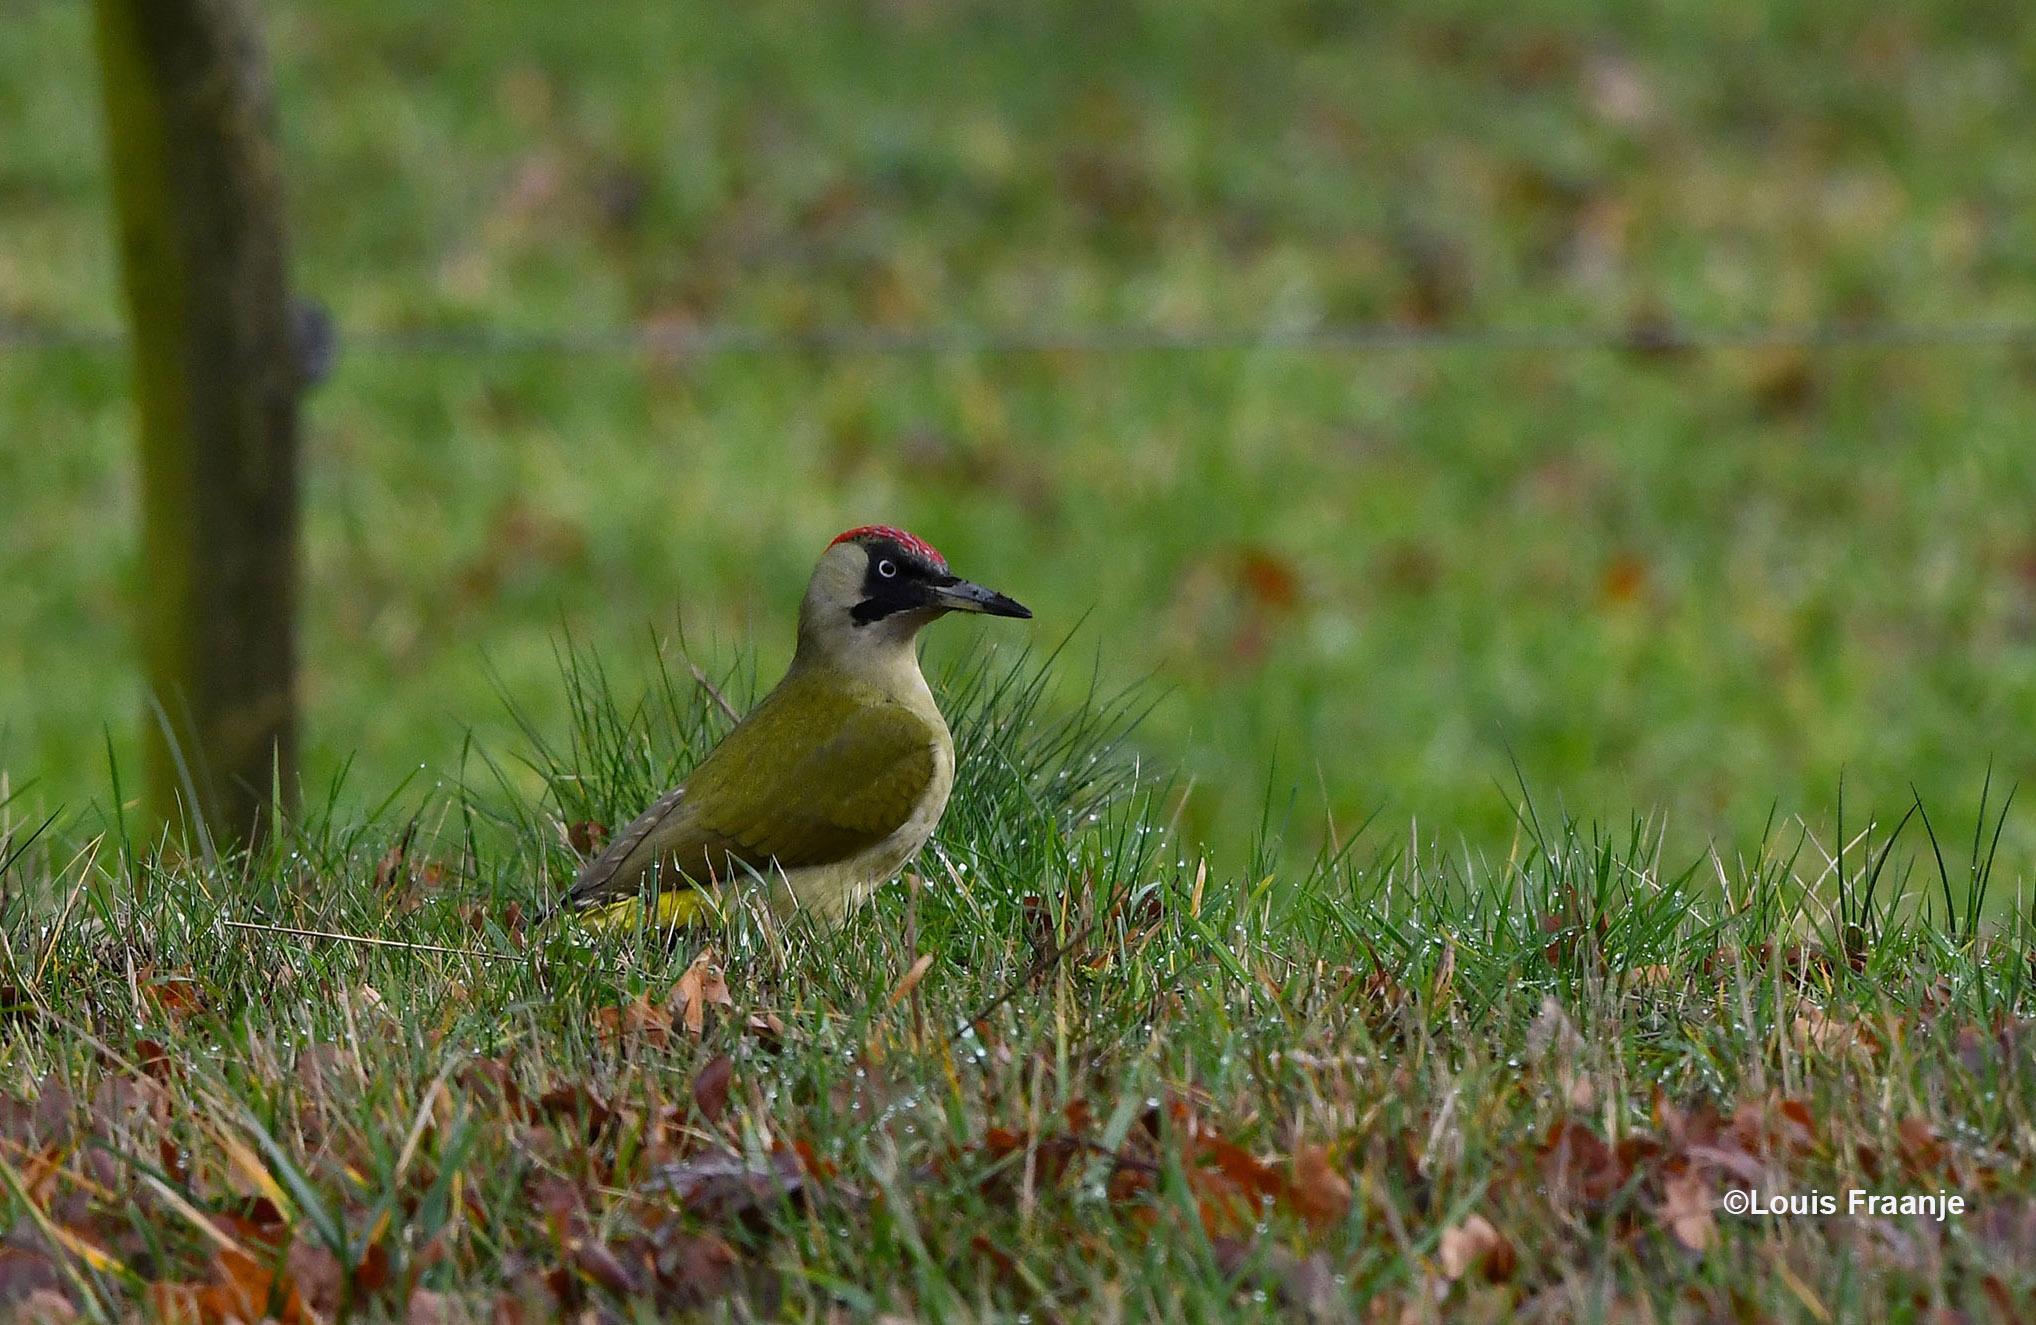 Regelmatig keek de vogel op of er gevaar dreigde - Foto: ©Louis Fraanje